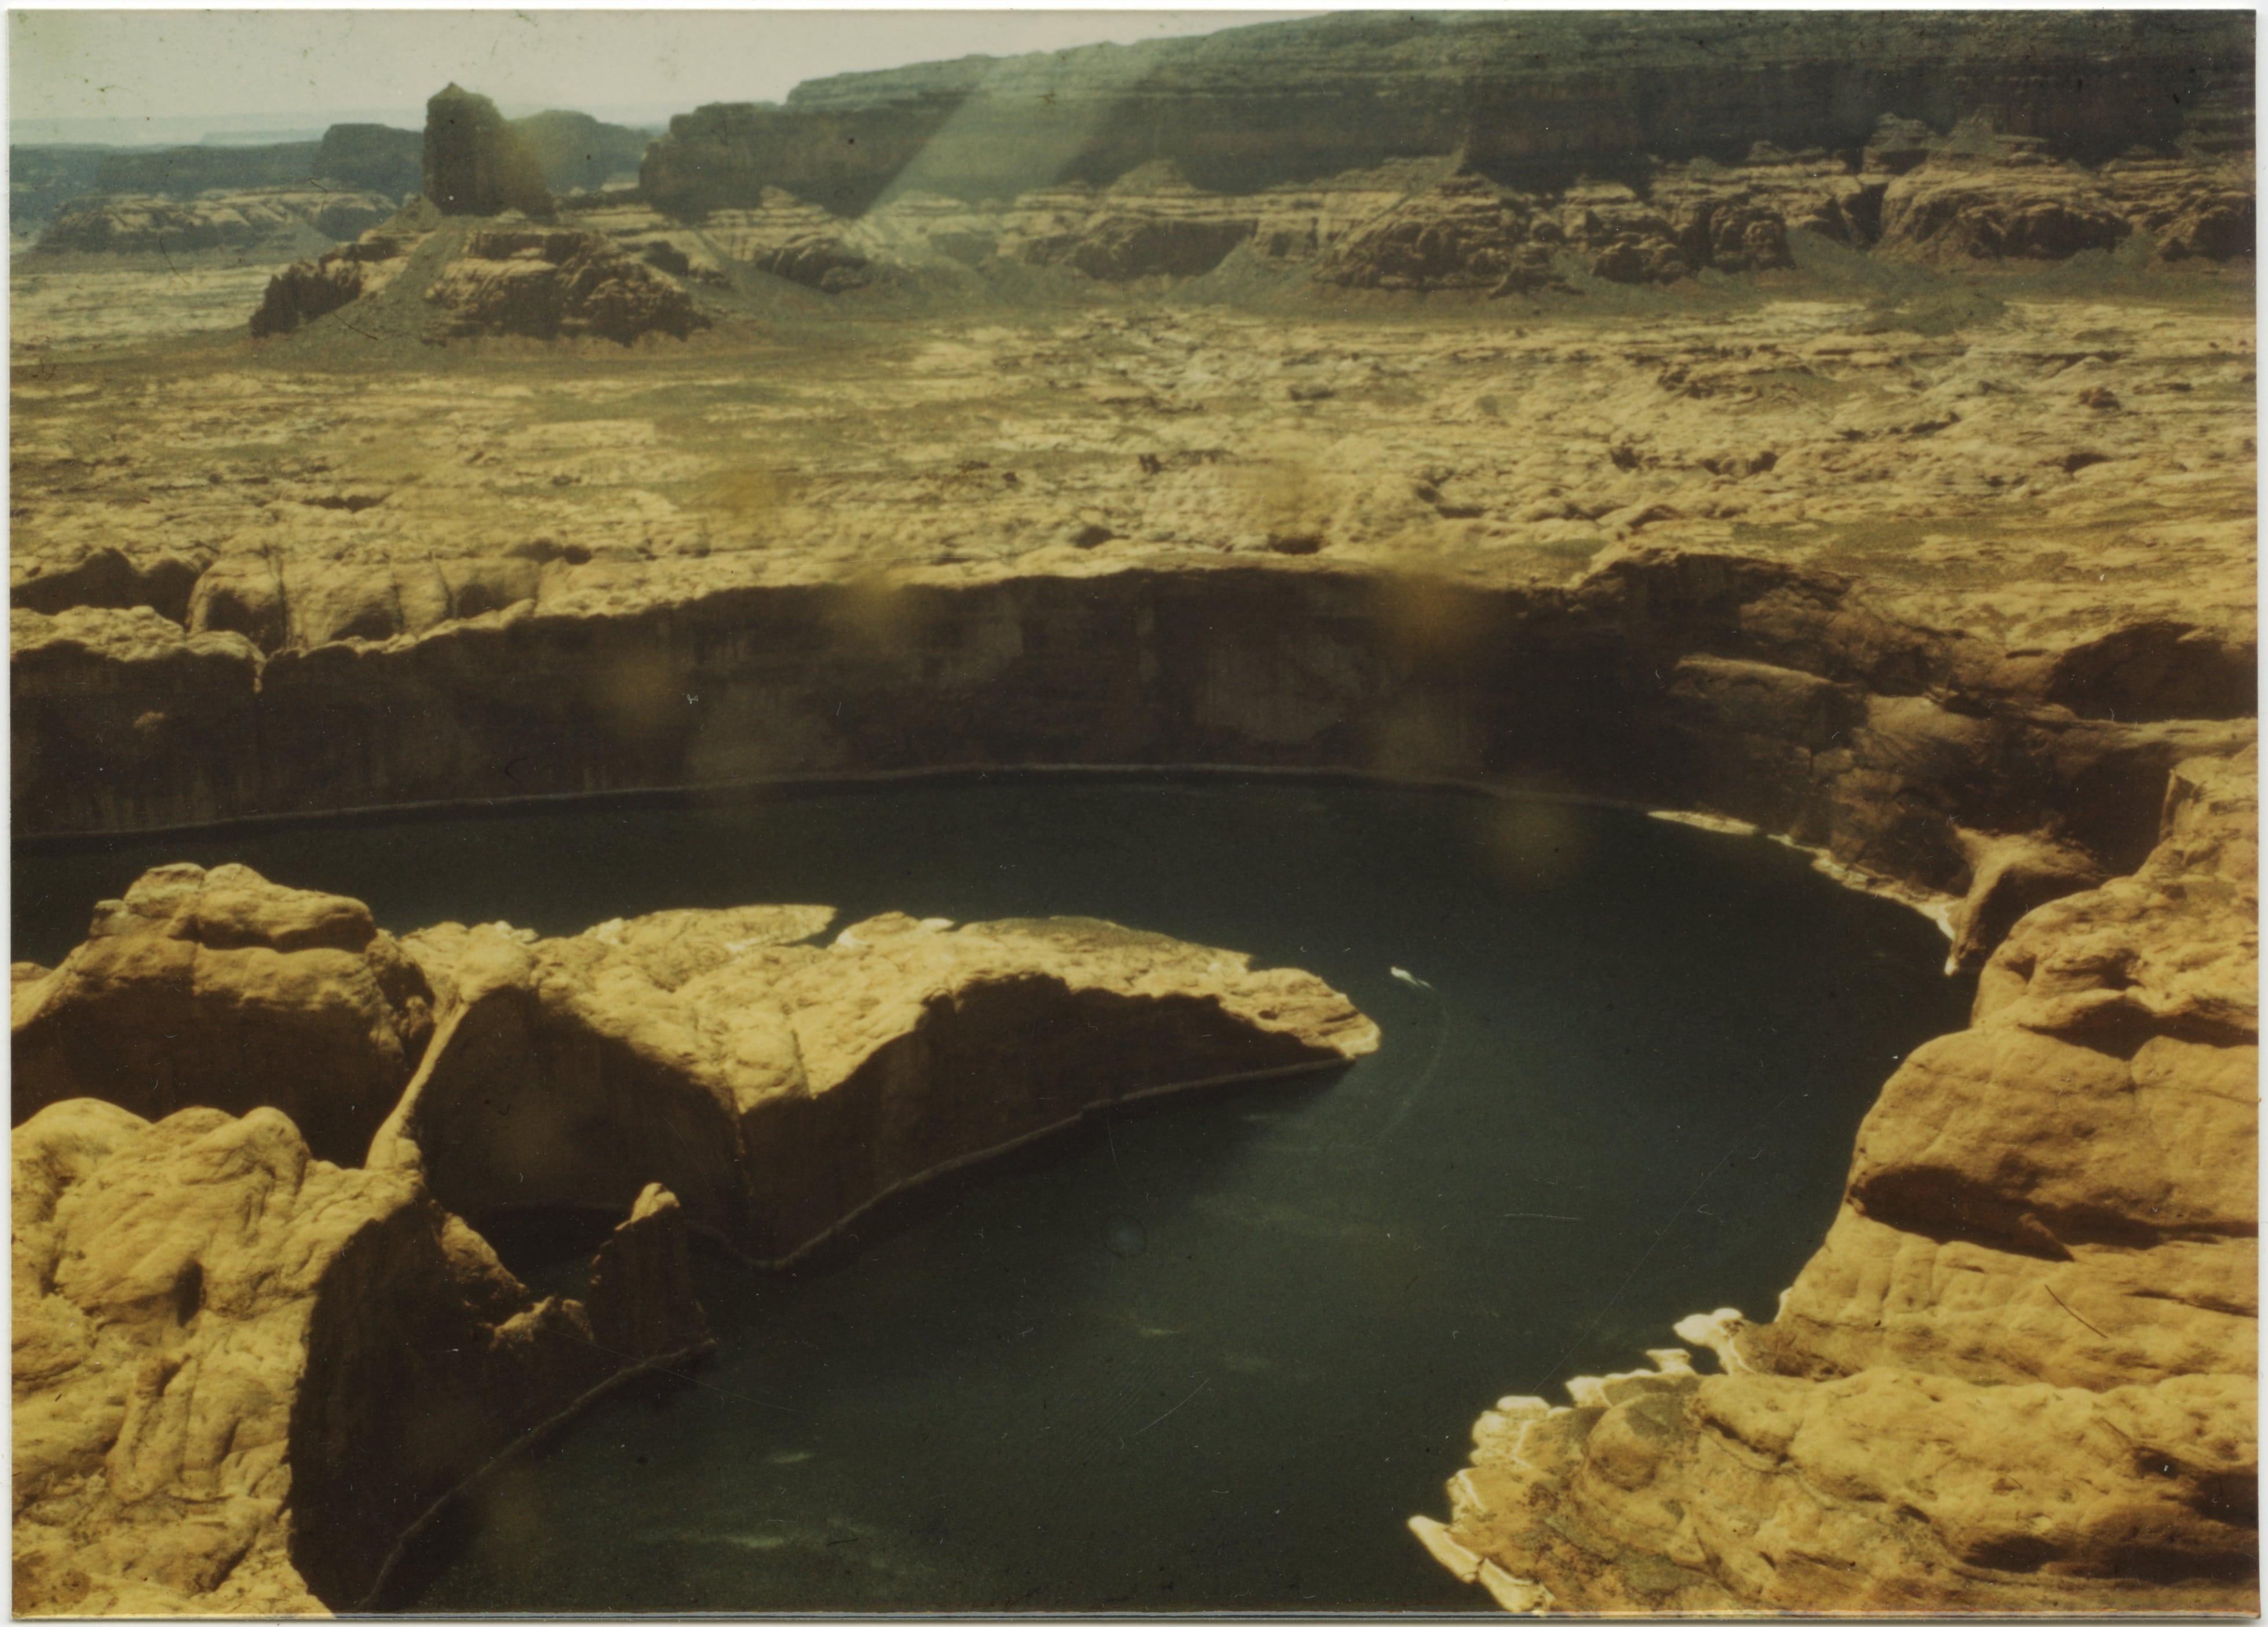 Aerial glen canyon